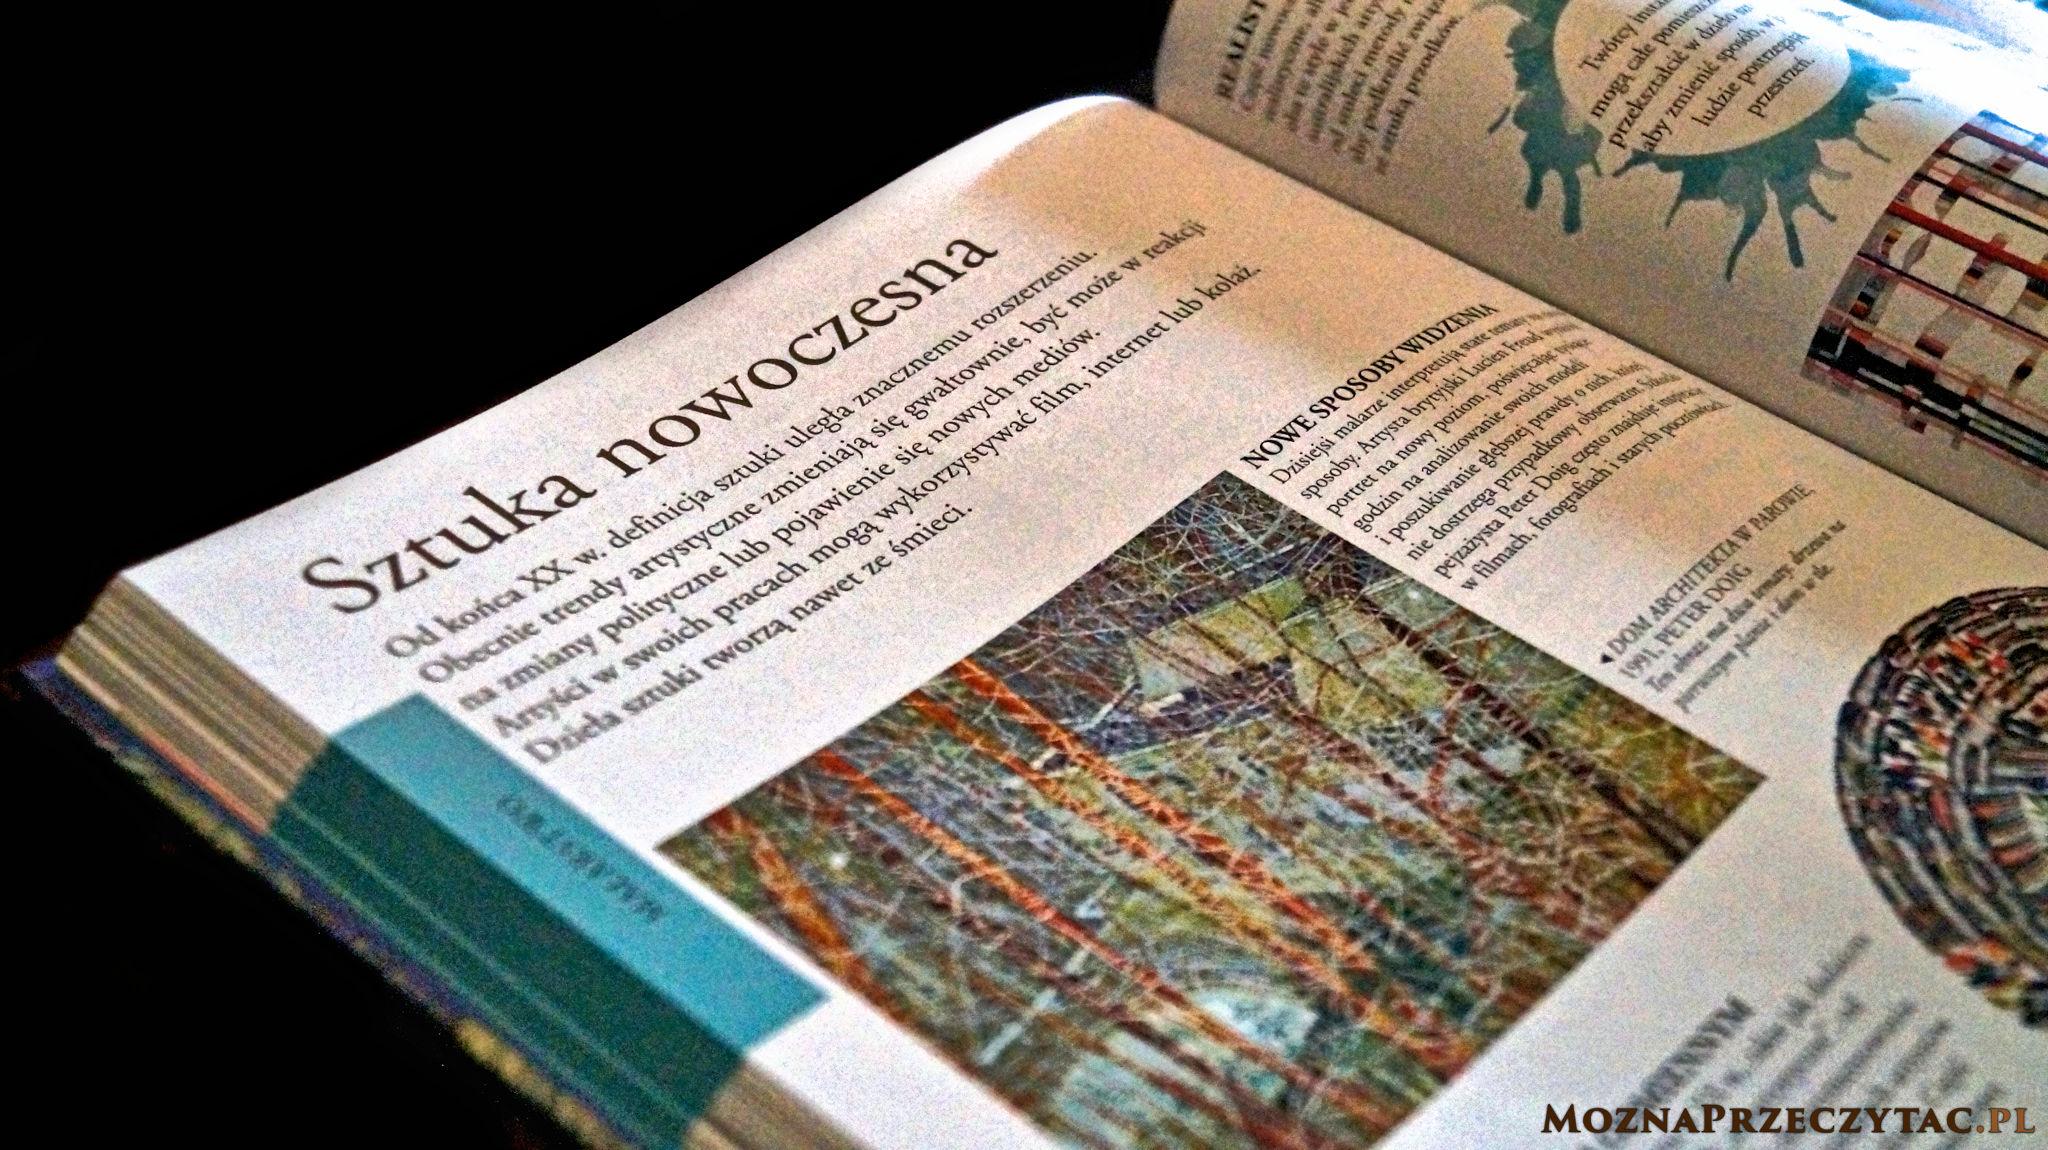 Sztuka. Encyklopedia dla dzieci - Opracowanie zbiorowe